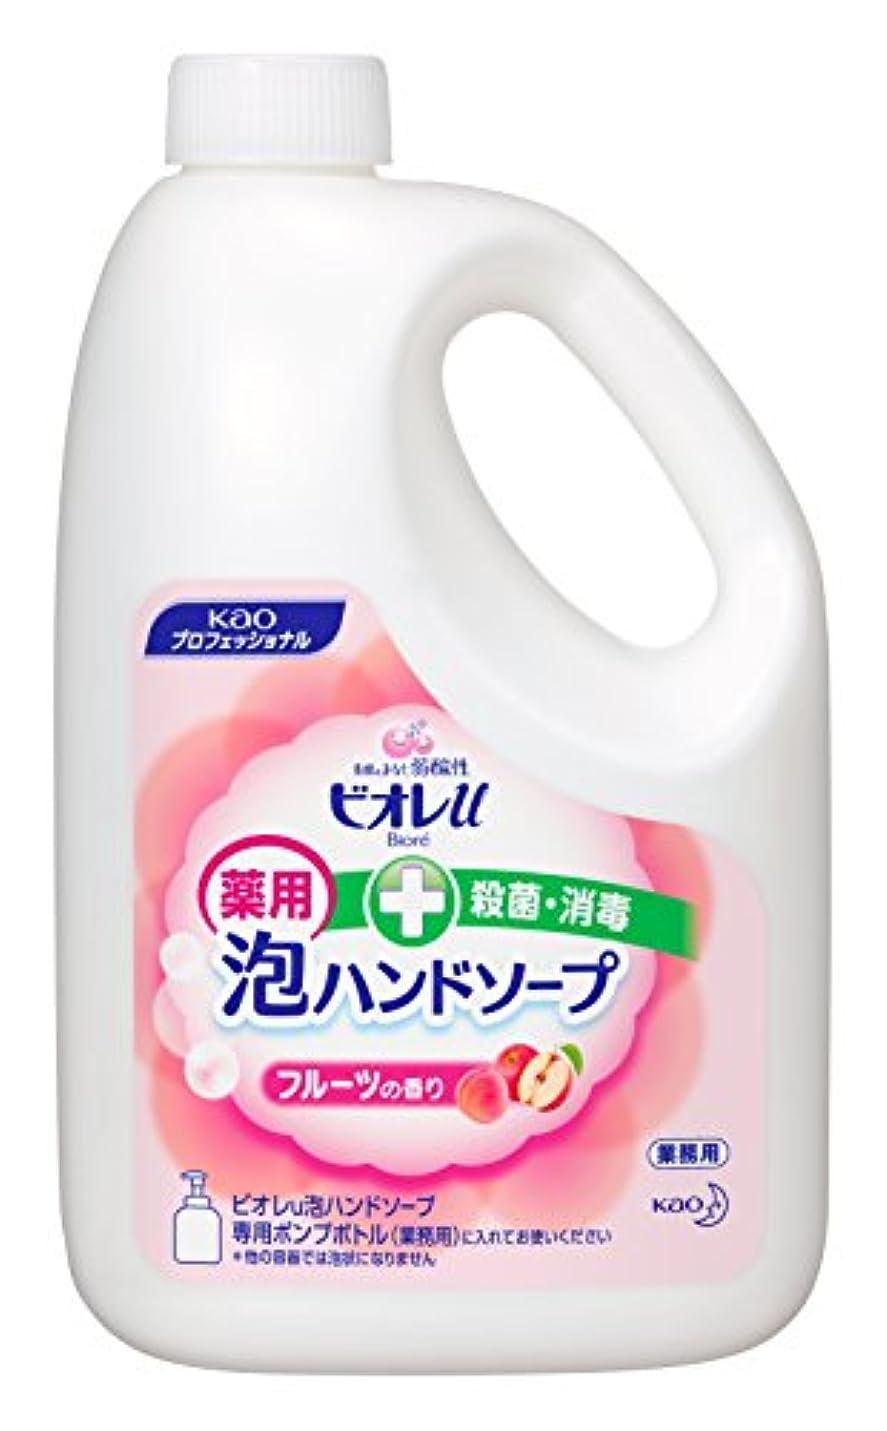 分料理生きる【業務用 泡ハンドソープ】ビオレu 泡ハンドソープ フルーツの香り 2L(プロフェッショナルシリーズ)